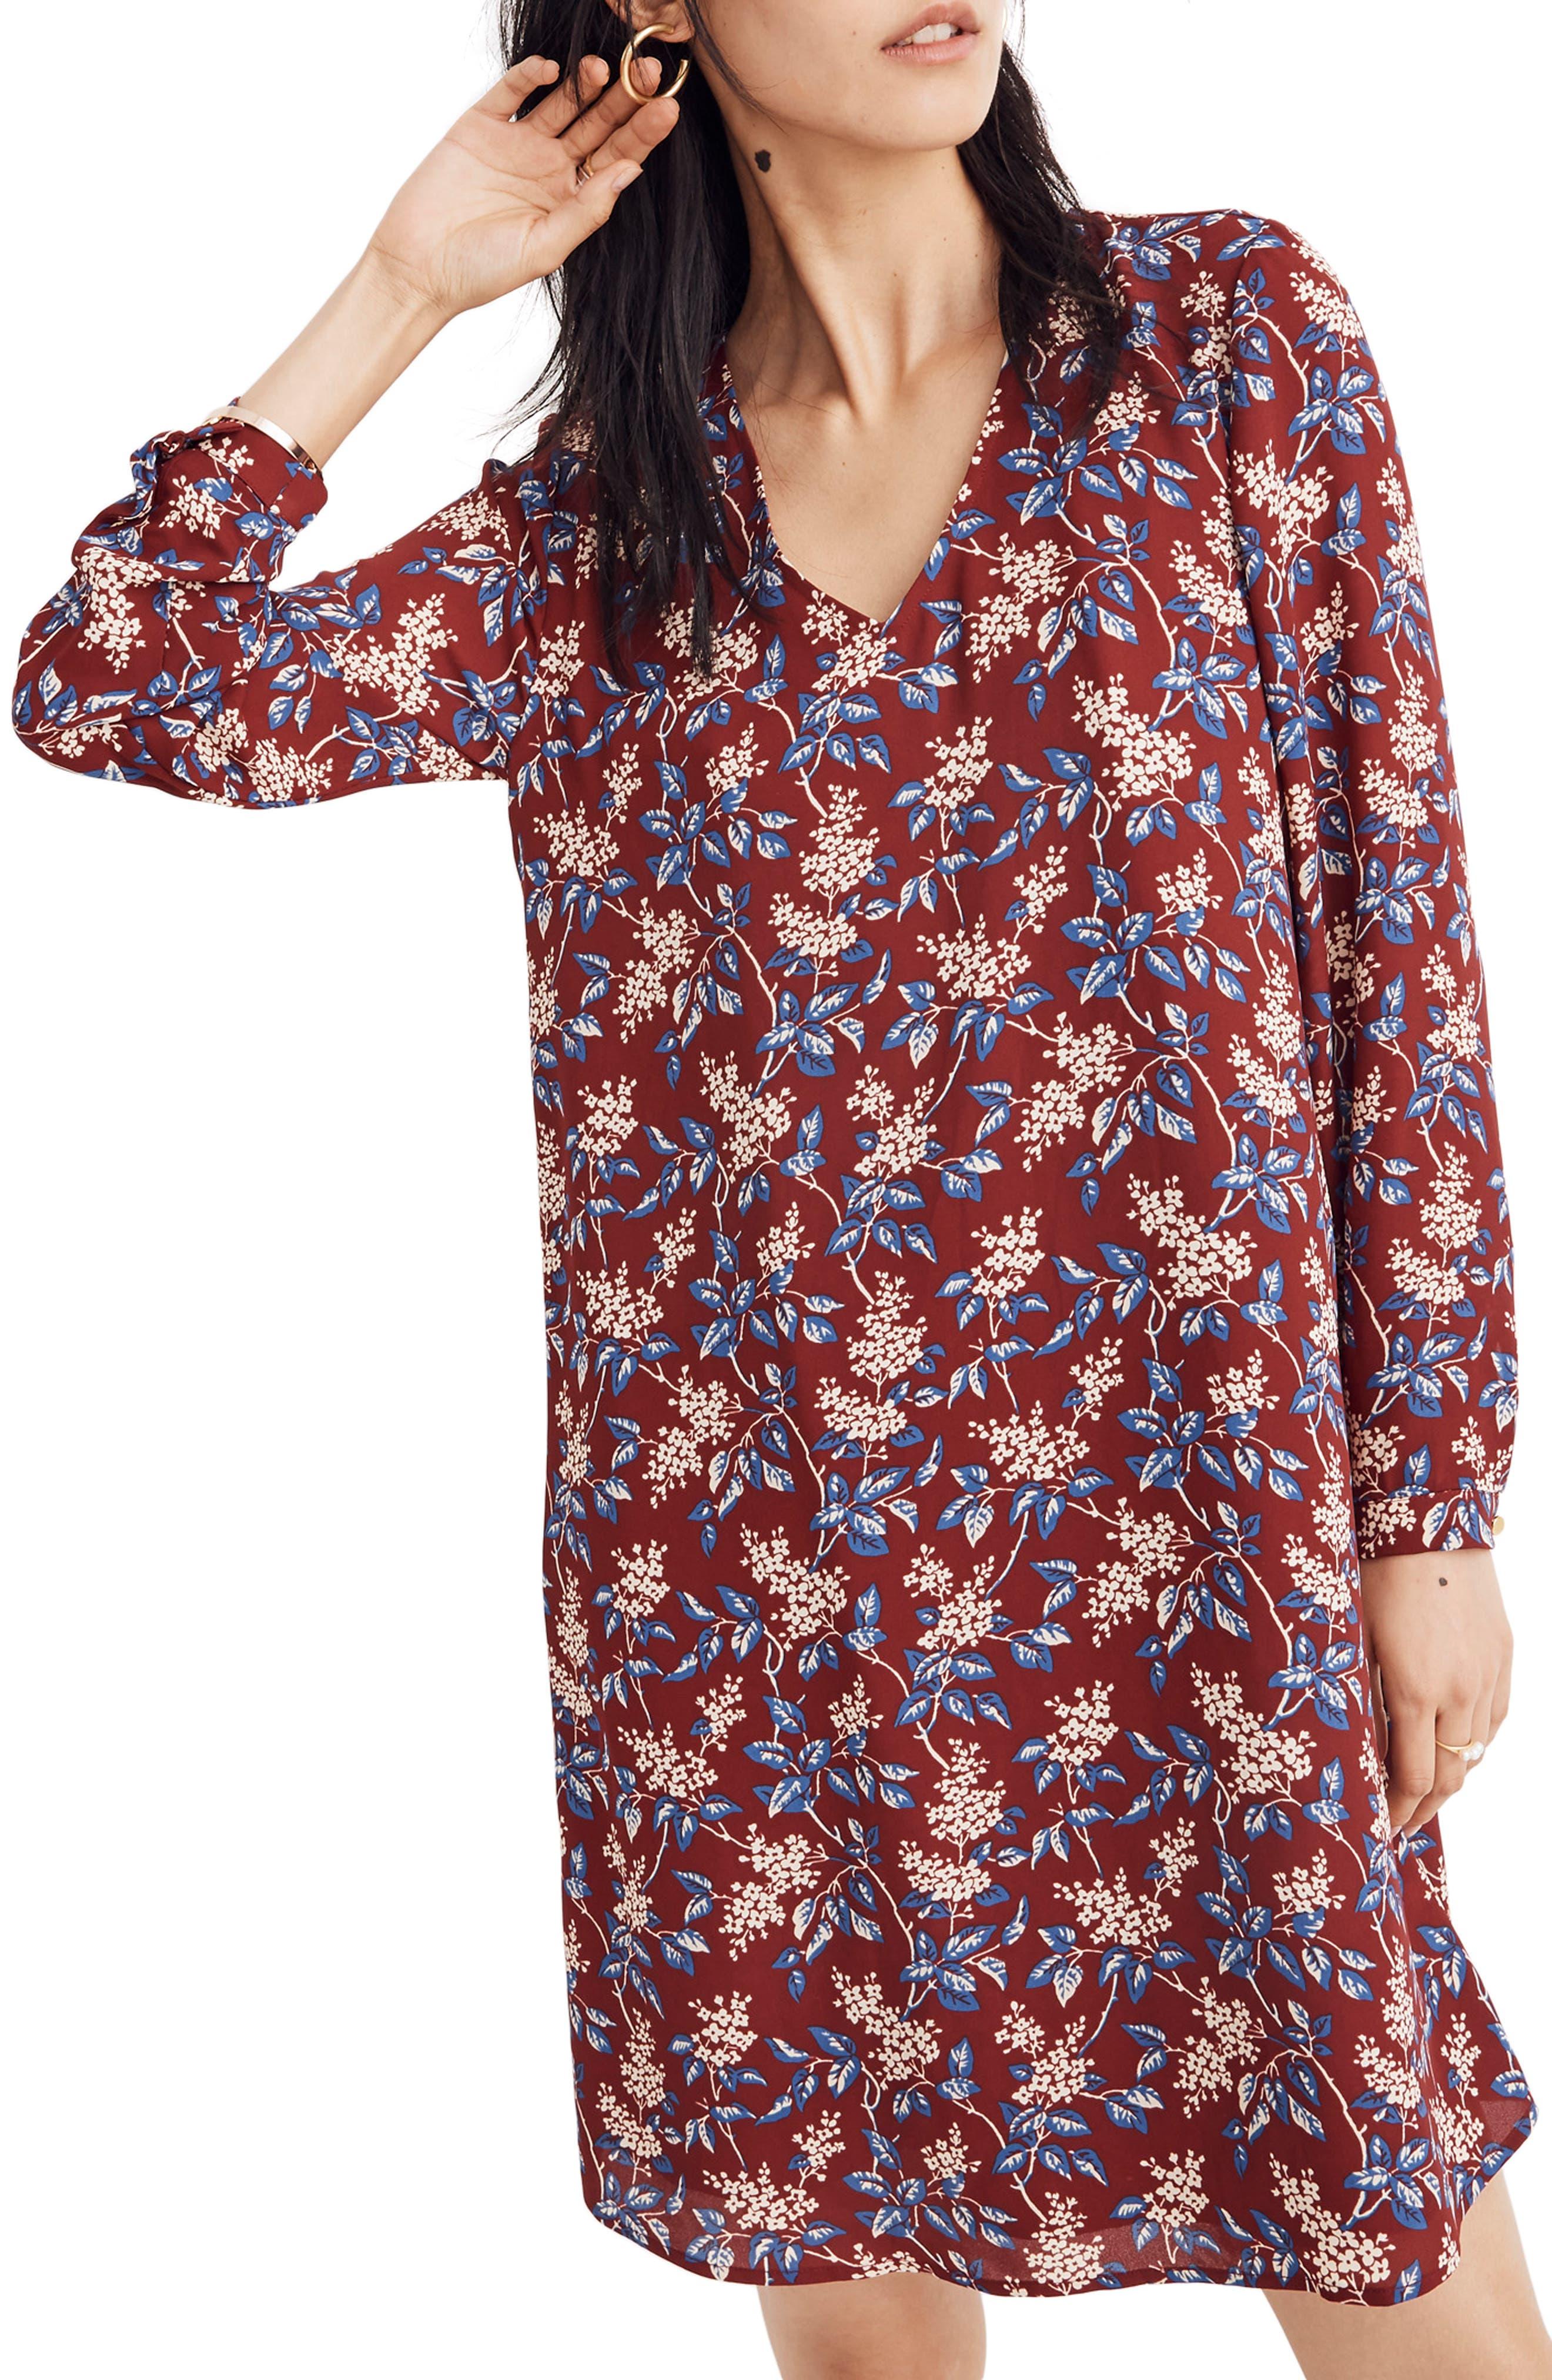 Antique Flora Button Back Dress,                             Main thumbnail 1, color,                             DUSTY BURGUNDY